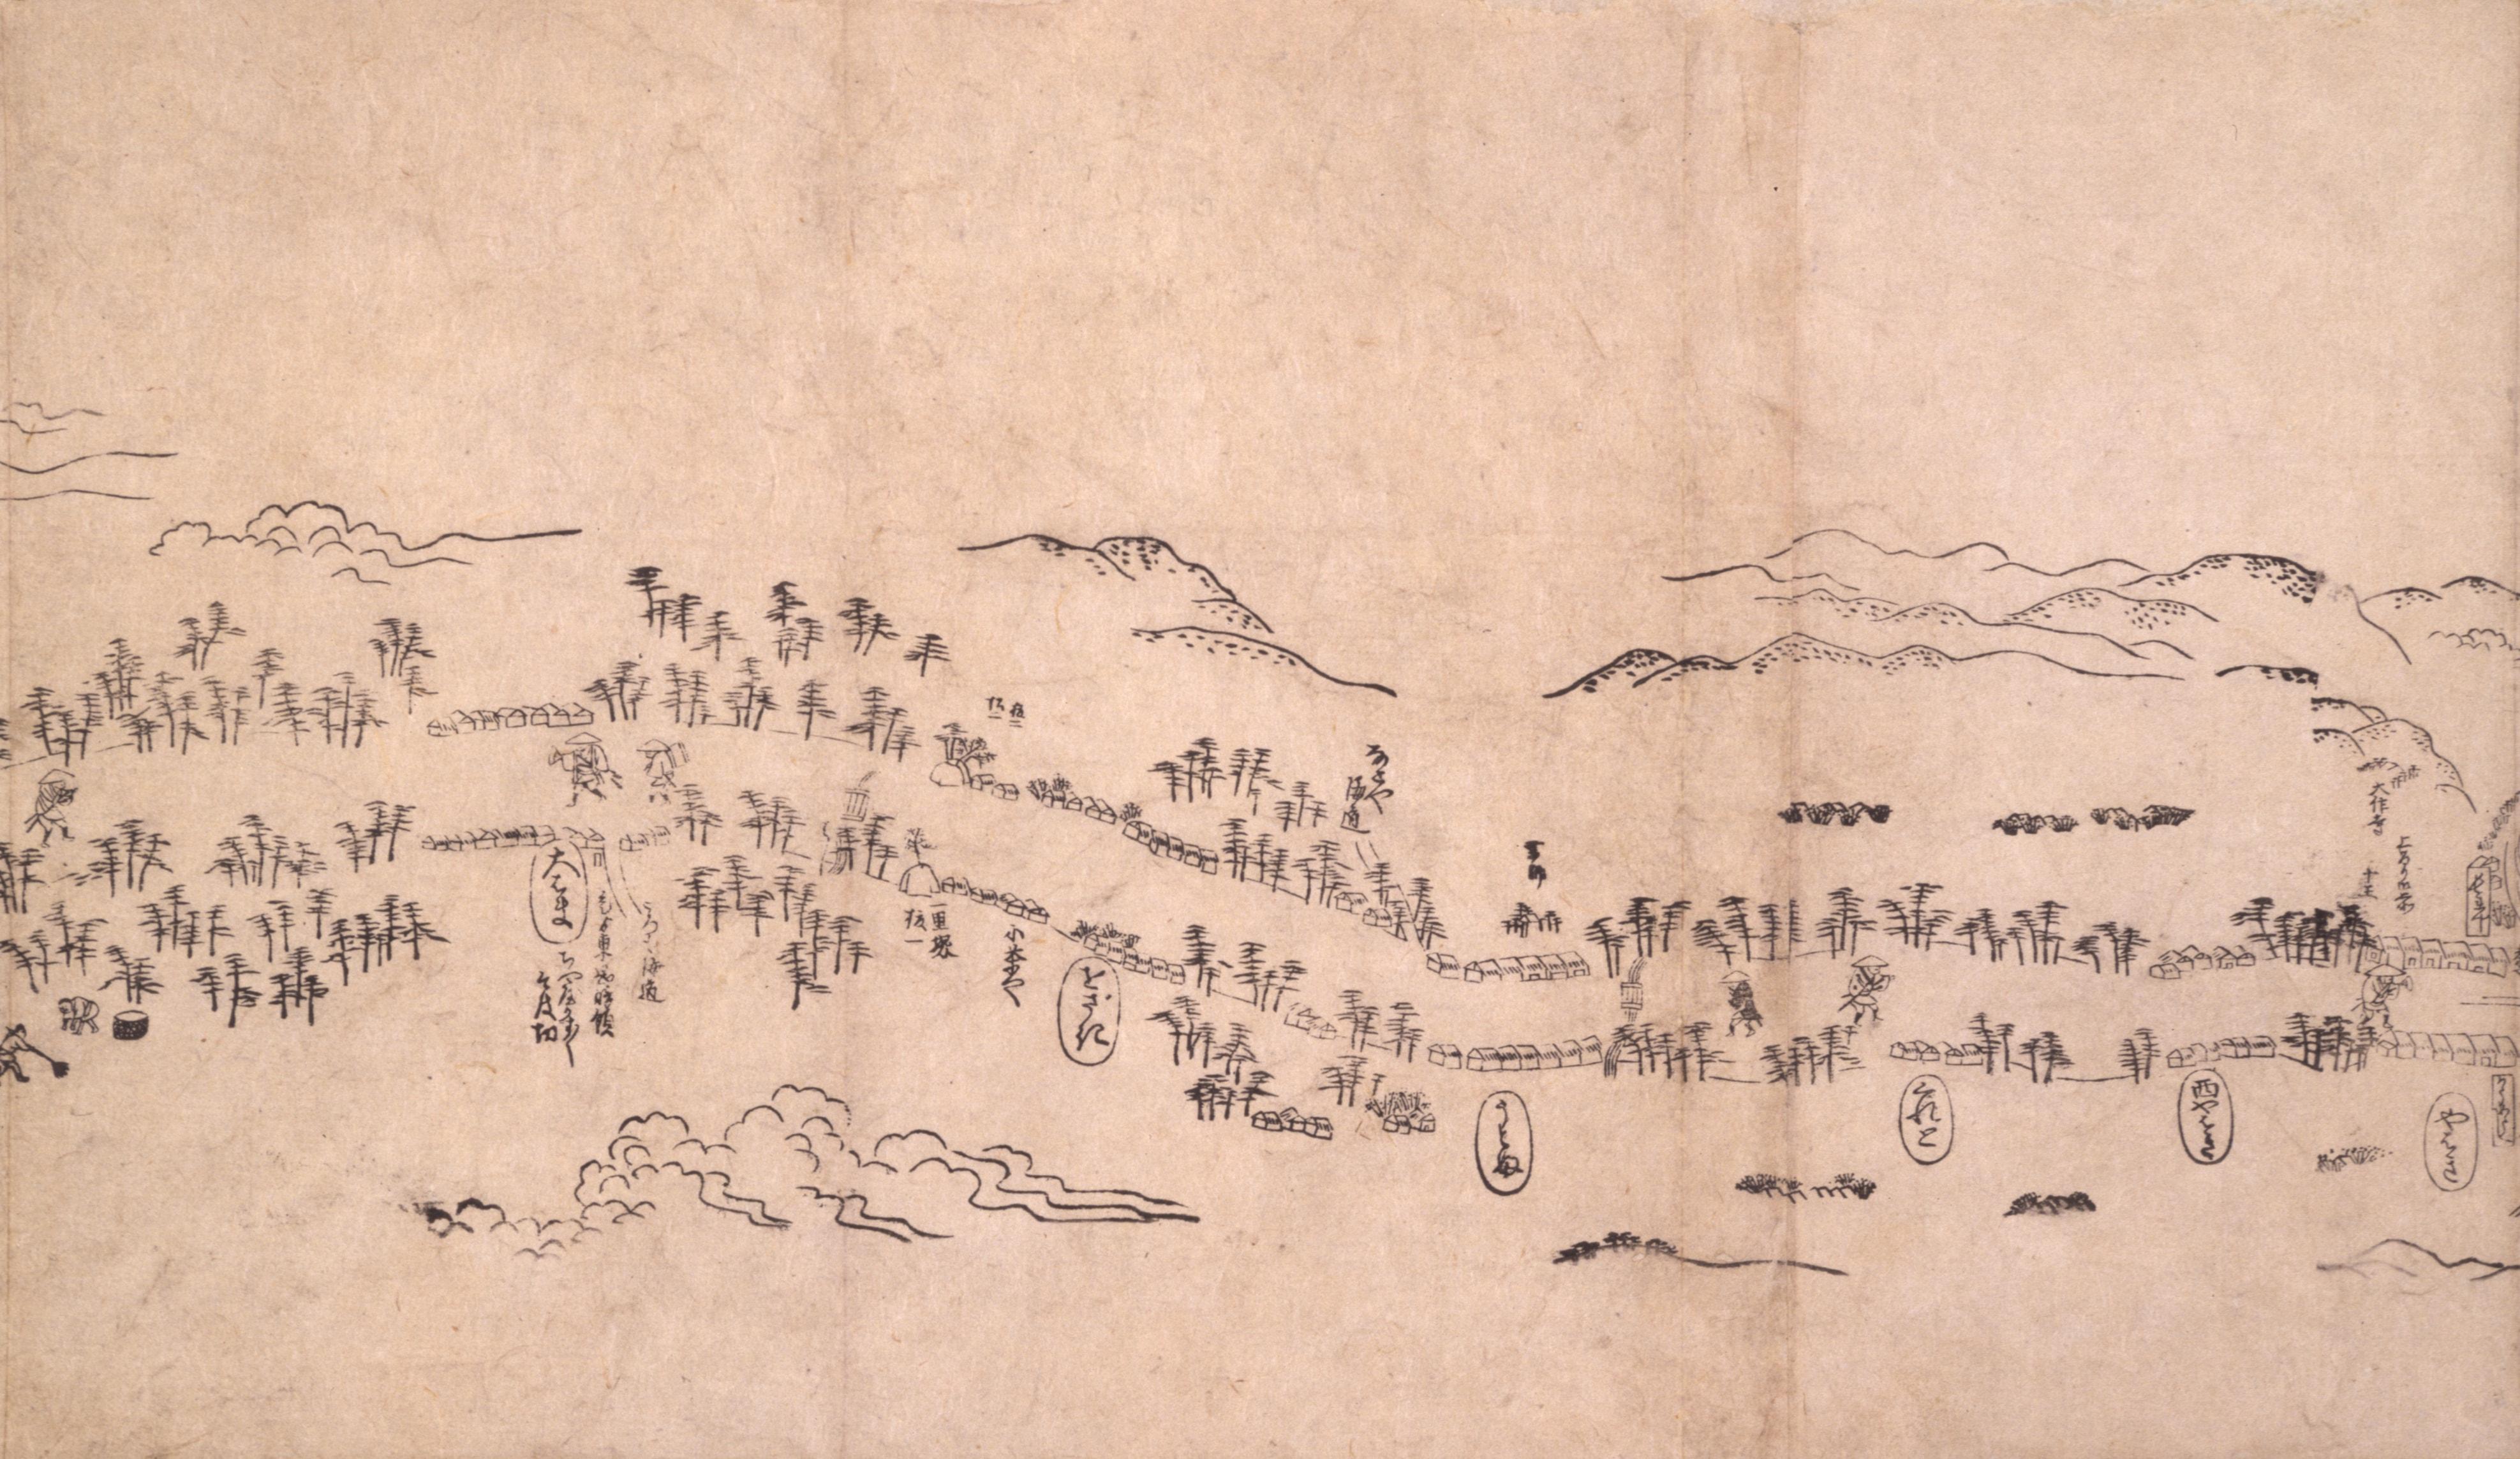 東海道分間之図 五十六